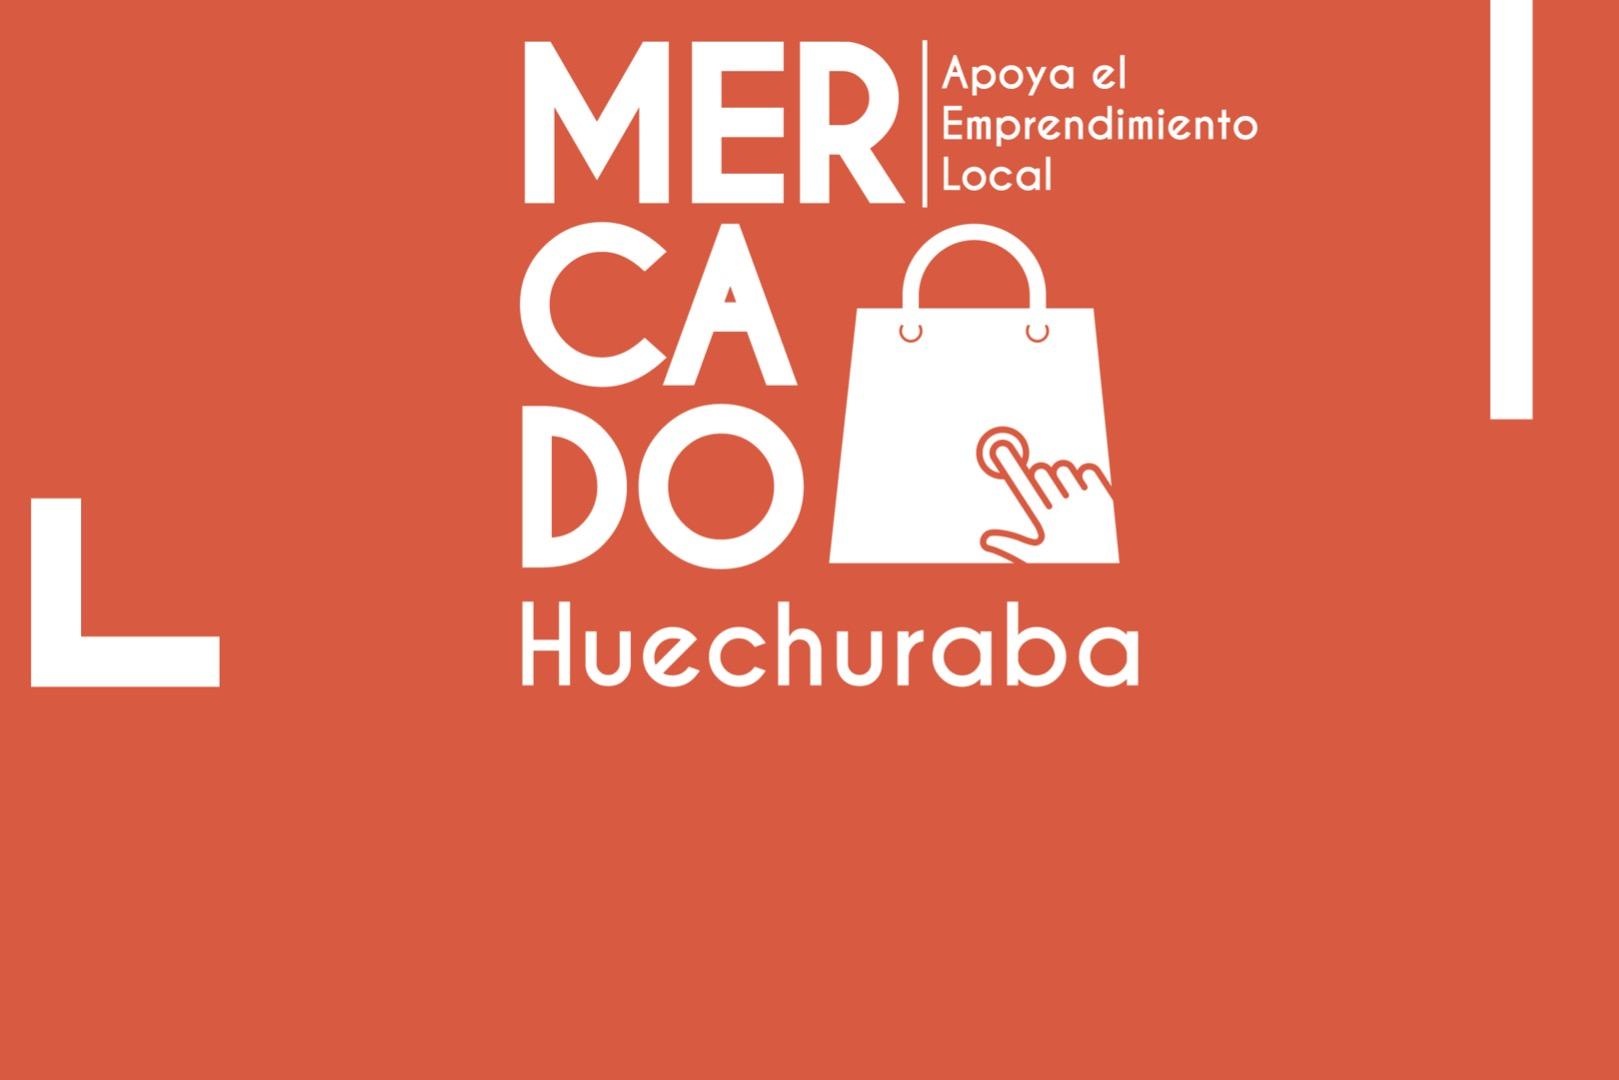 Mercado Huechuraba